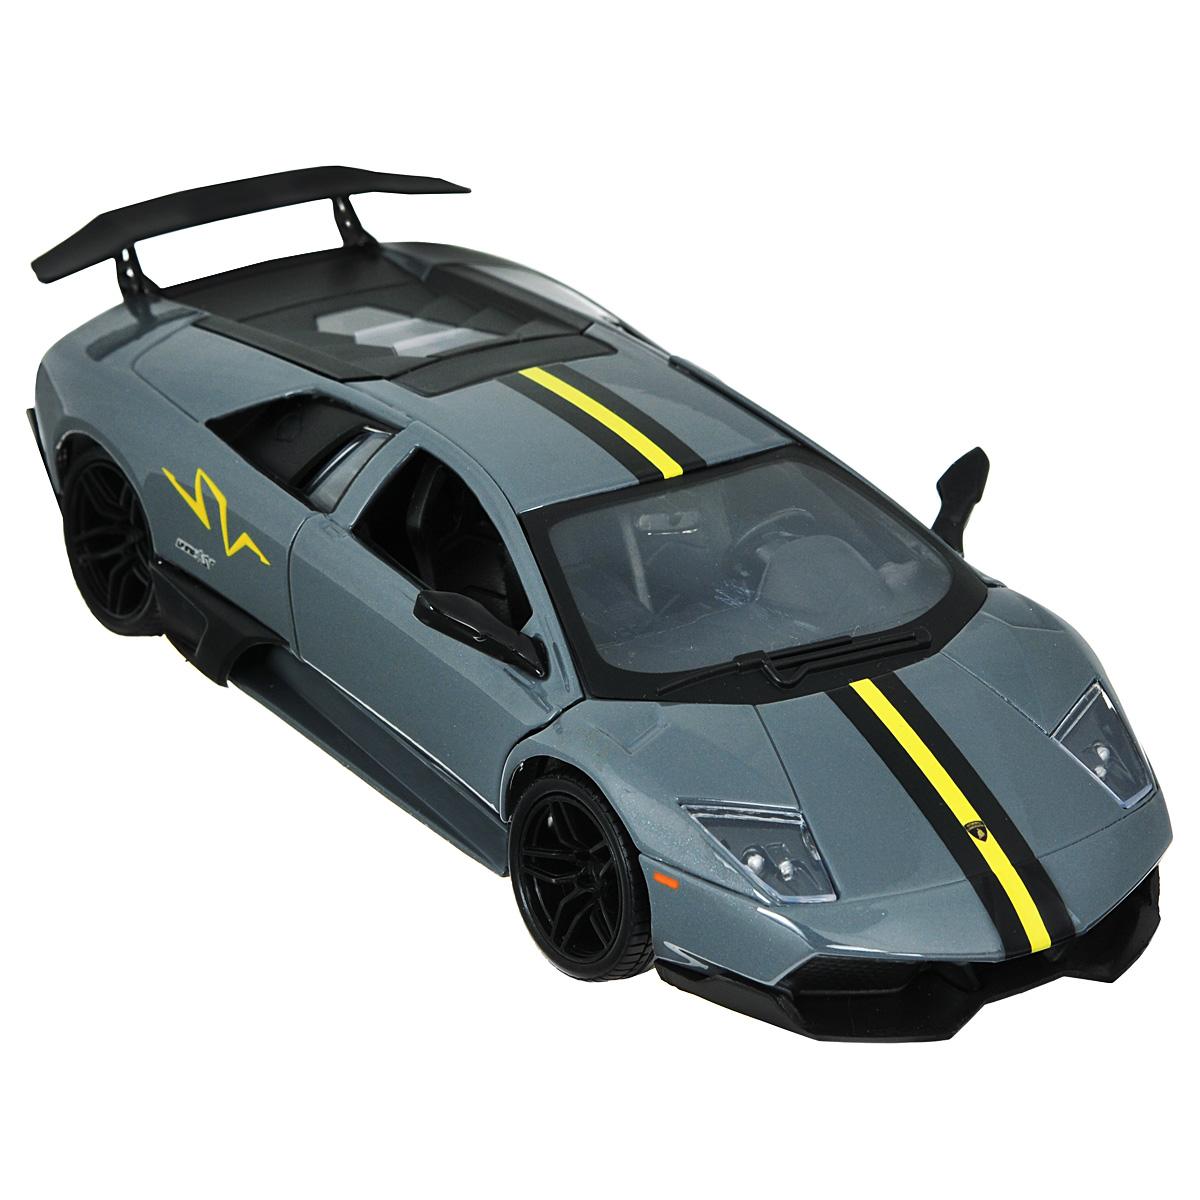 MotorMax Модель автомобиля Lamborghini Murcielago LP 670-4 SV цвет черныйblack_metallic/ast73350Коллекционная модель MotorMax Laмborghini Murcielago LP 670-4 SV станет хорошим подарком для любого ценителя автомобилей. Она имеет отличную детализацию и является уменьшенной копией настоящей машины. LP 670-4 SV - последняя модификация, разработанная в серии Lamborghini Murcielago. Это по-настоящему мощный и высокоскоростной спорткар, разгоняющийся до 100 км/ч за 3,2 секунды. О такой машине можно только мечтать! Масштабная модель от MotorMax позволяет насладиться великолепным авто. Она выполнена с высокой степенью детализации, поэтому вы можете рассмотреть даже мелкие детали интерьера, открыв дверь своего Lamborghini. Под капотом таится тщательно выполненный моторный отсек. У машины открываются двери и капот, а также поворачиваются колеса. Корпус машинки отлит из металла, салон декорирован пластиком, а на колесах авто - резиновые шины.